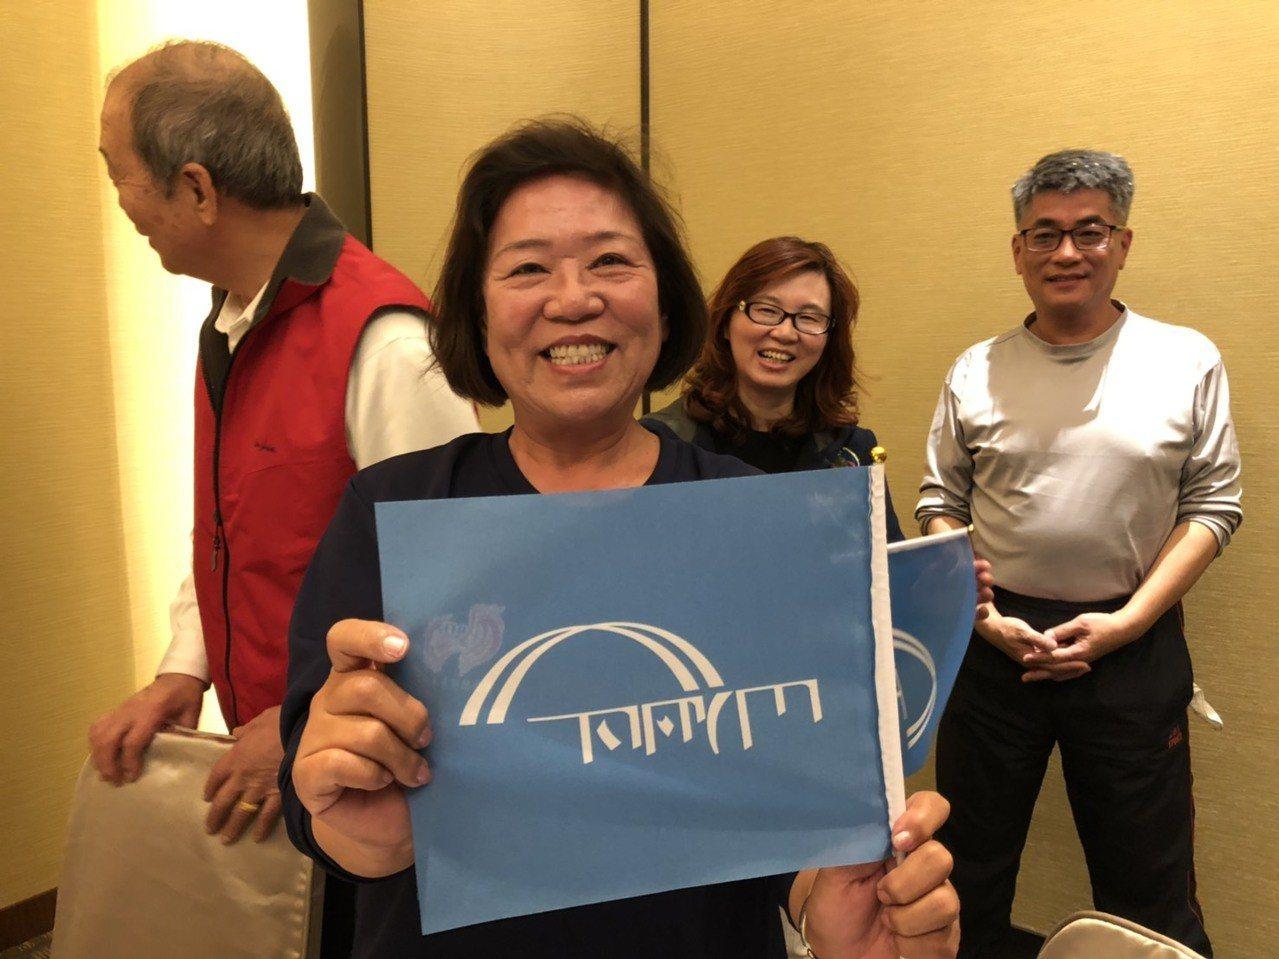 金門縣議員王碧珍展示會旗,她說,這是以王金平的名字來做發想。記者蔡家蓁/攝影